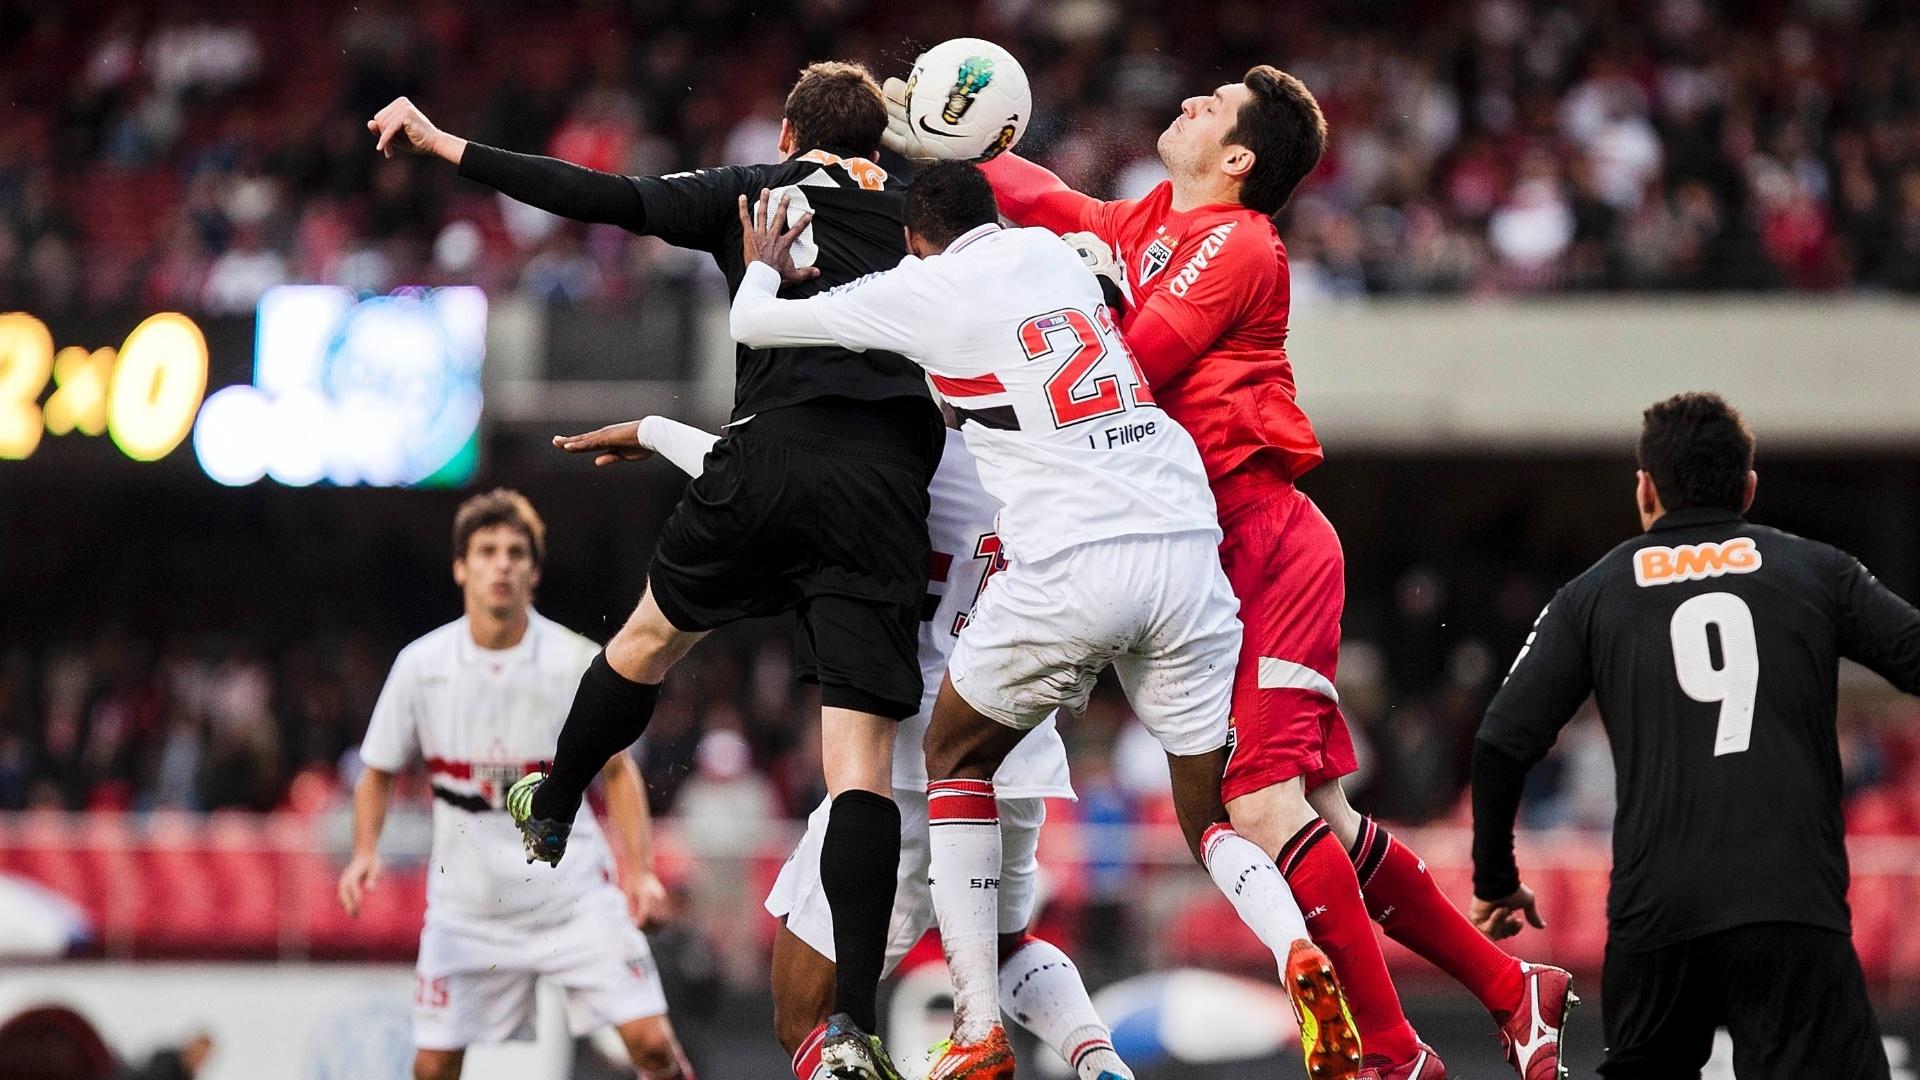 Goleiro Dênis, João Filipe e Tcheco brigam pela bola na área do São Paulo na partida contra o Coritiba no Morumbi